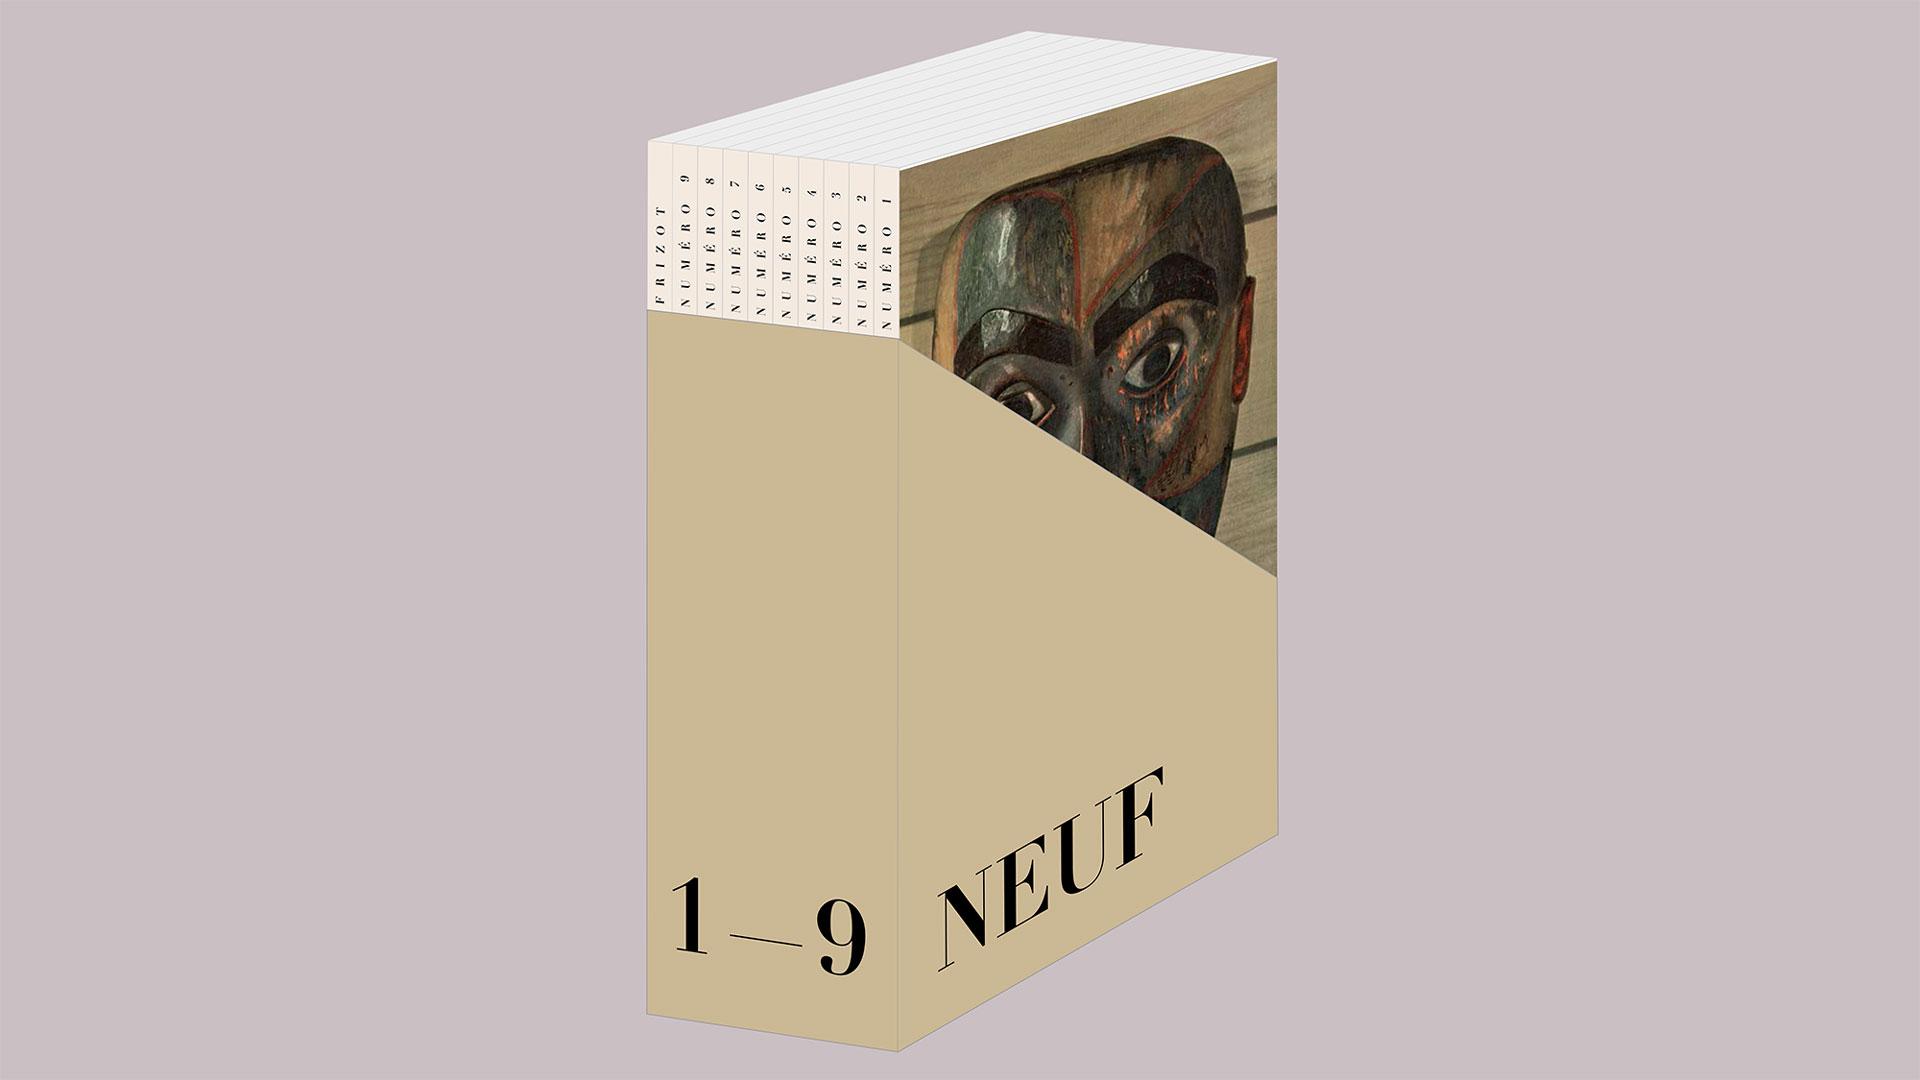 Revue Neuf delpire and co